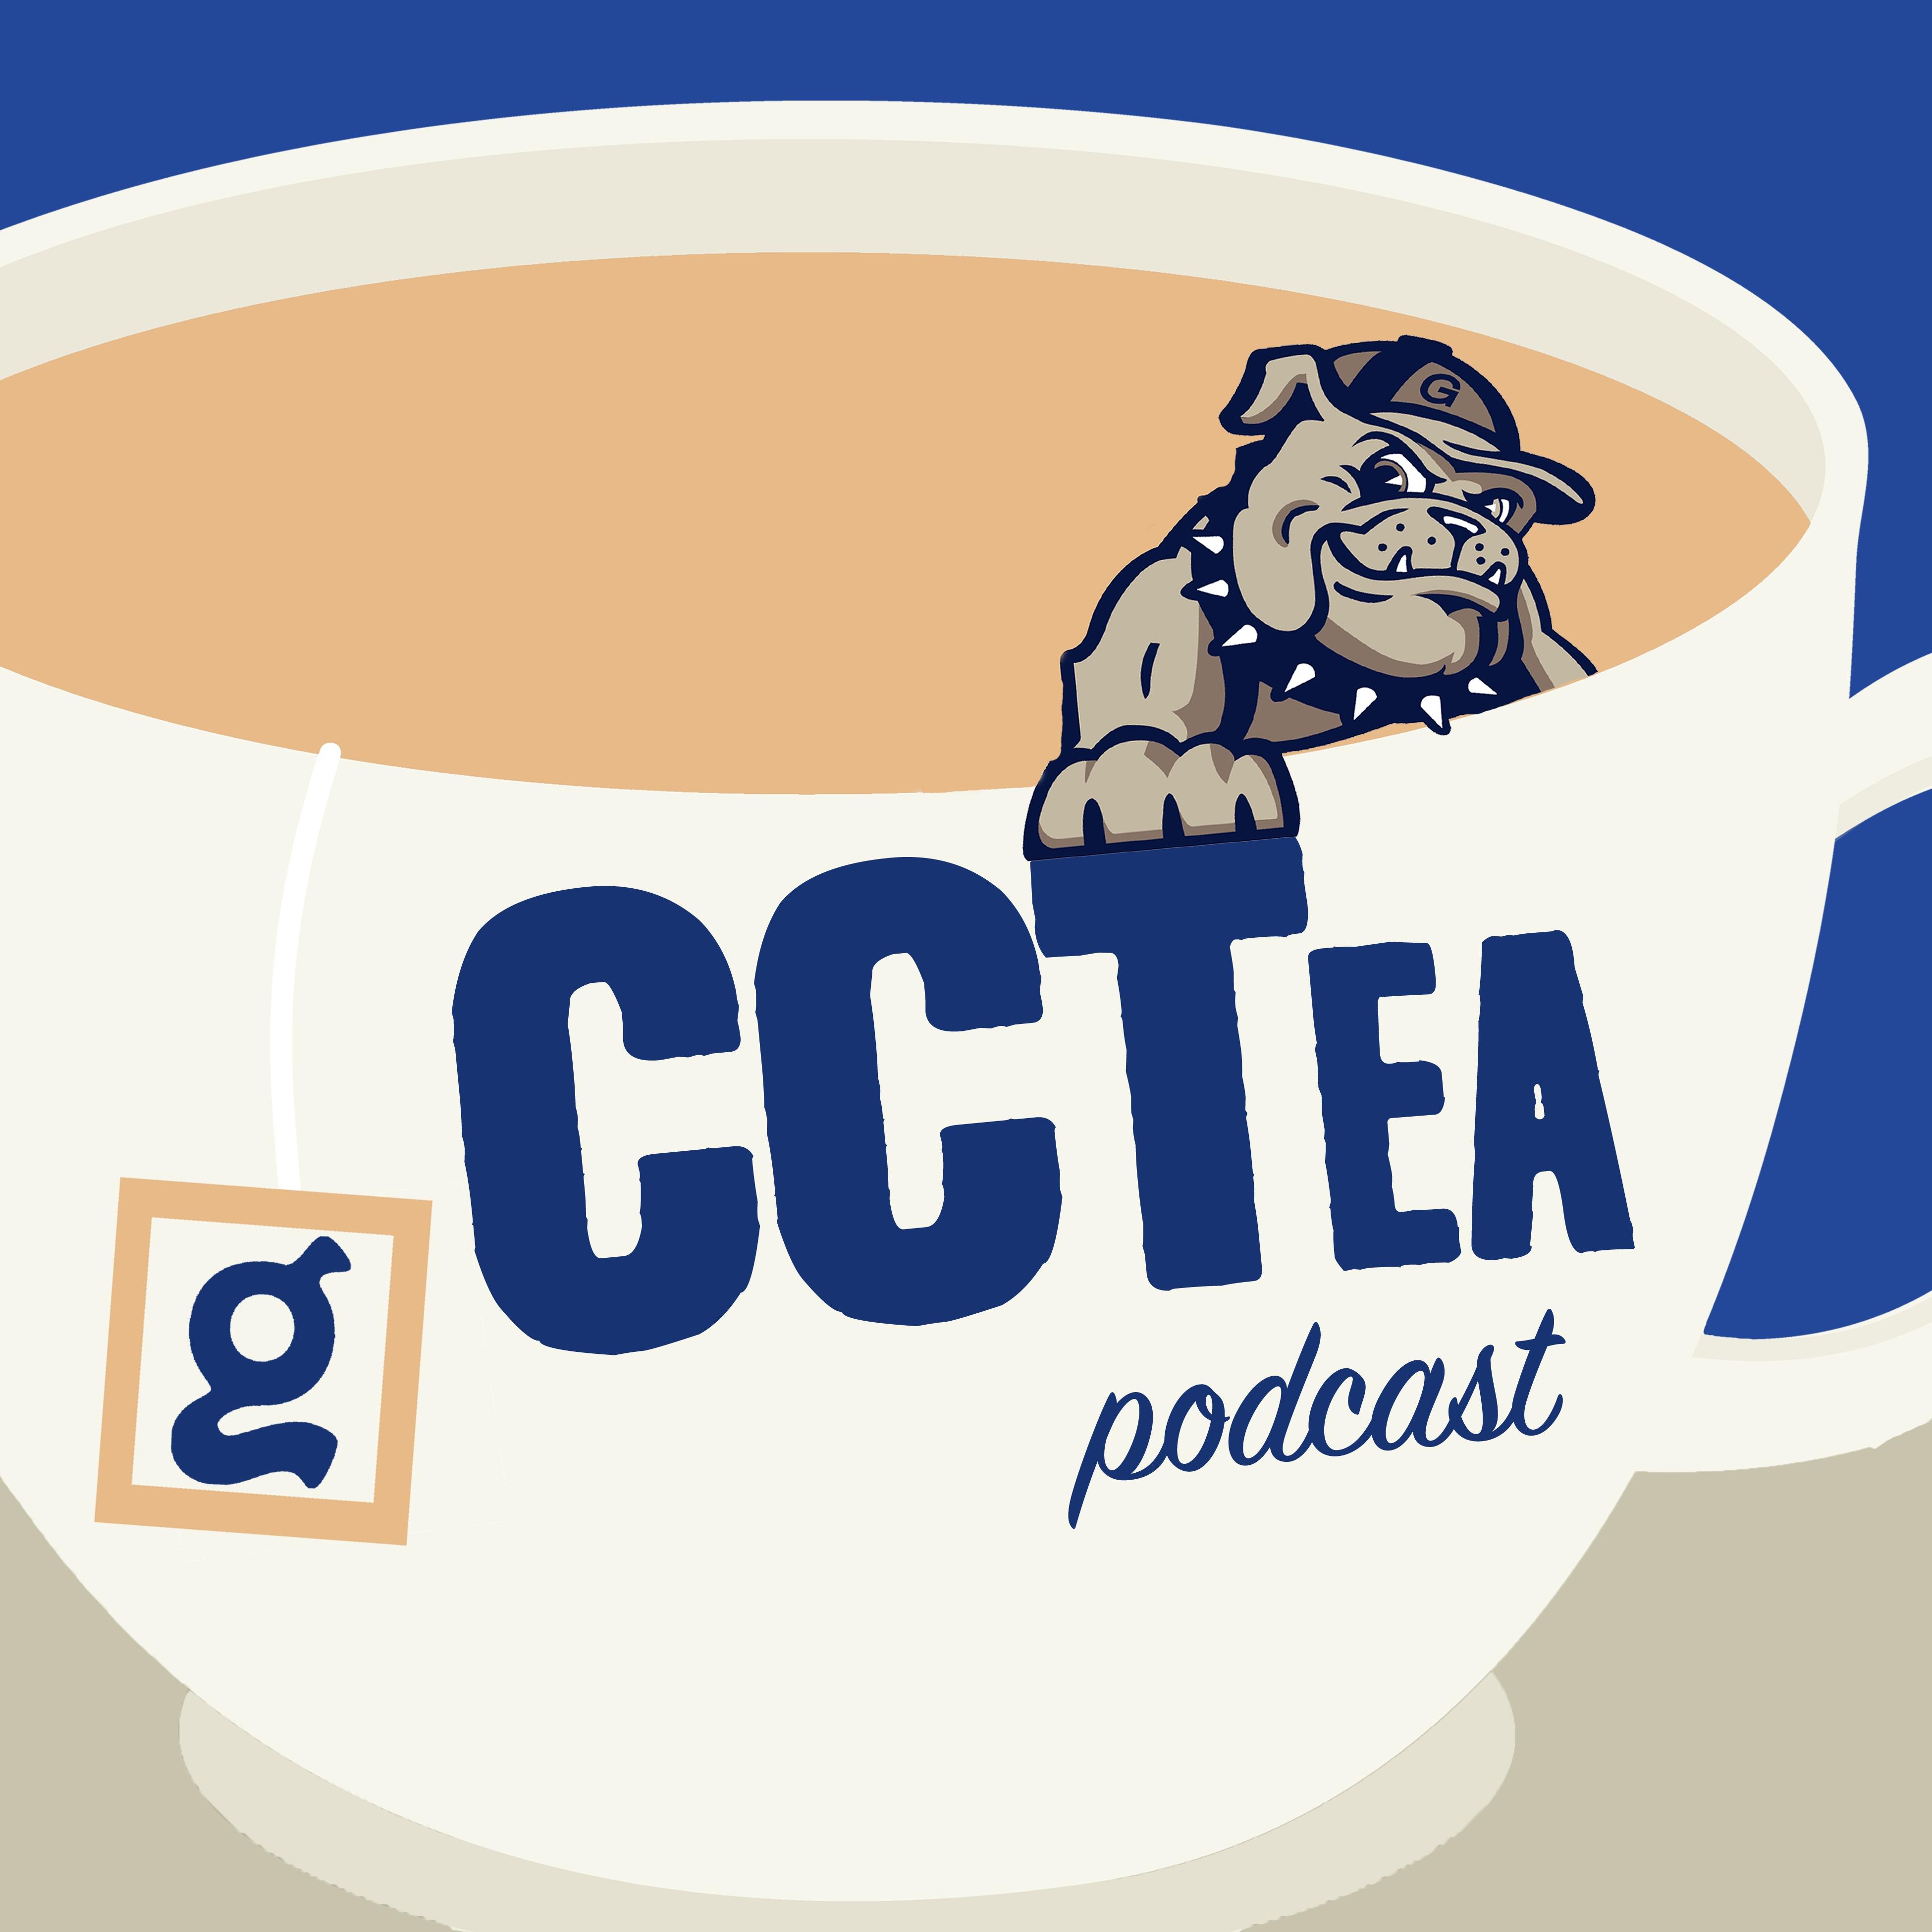 Episode 6: Internet Semantics and Etiquette